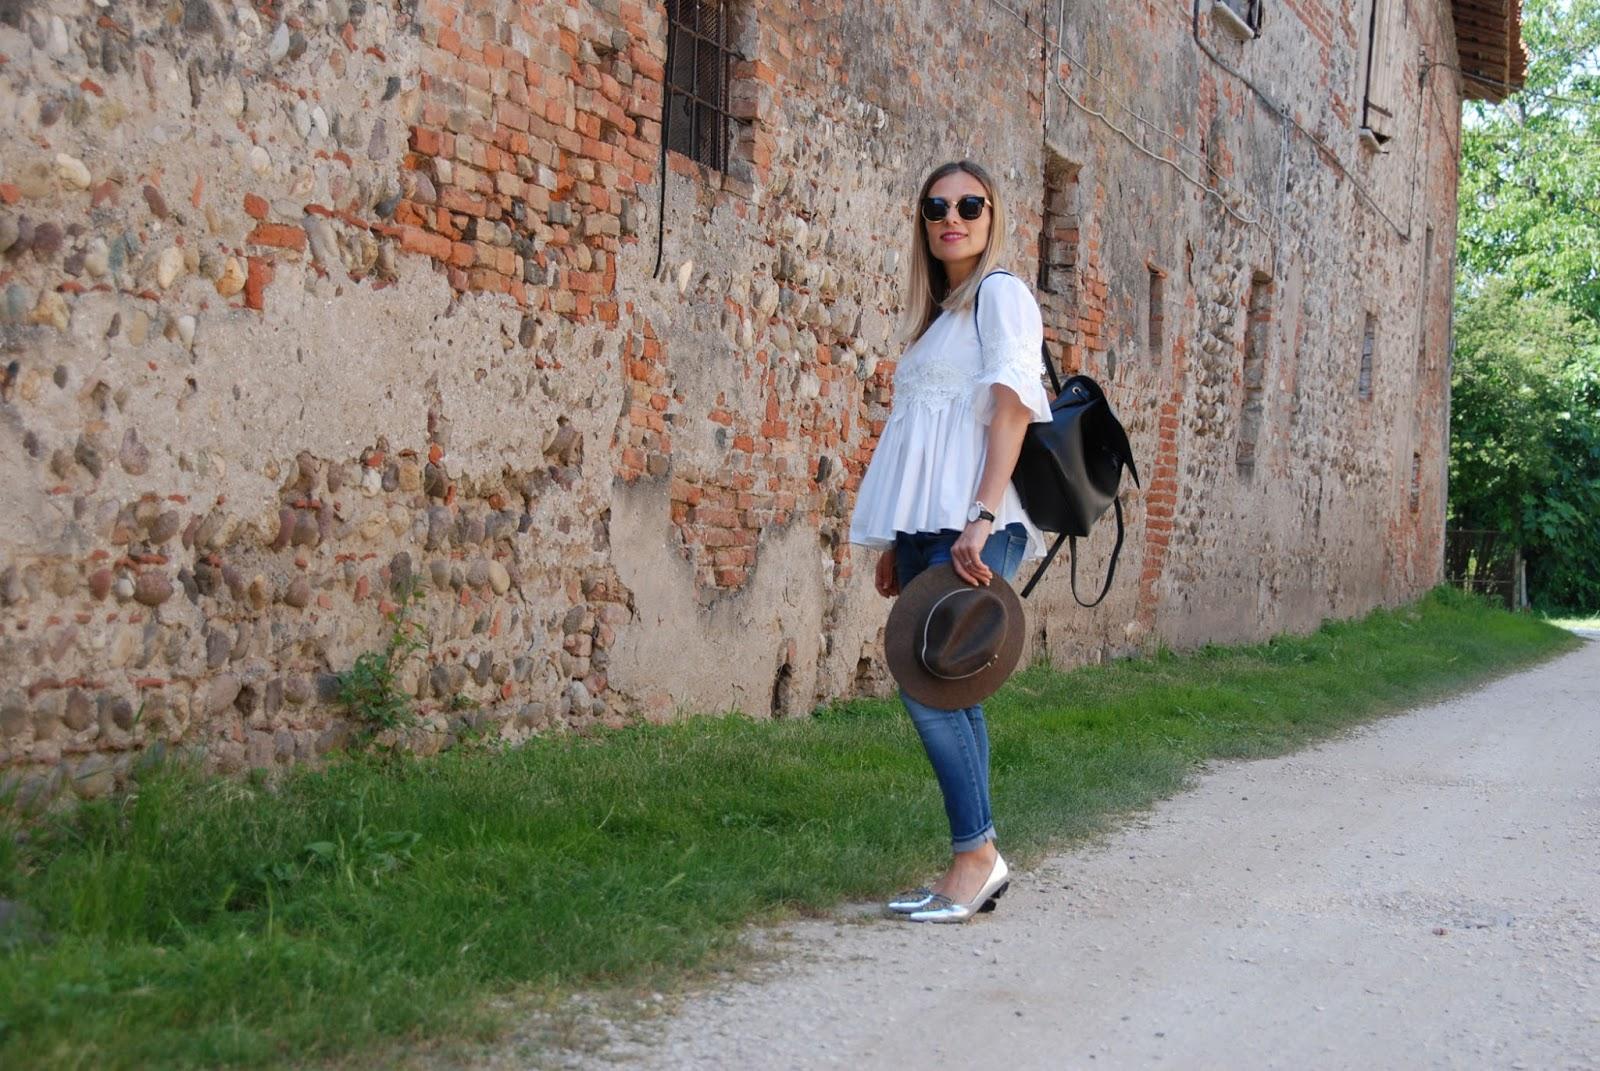 Consigli di stile per donne in gravidanza - Eniwhere Fashion - Sammydress